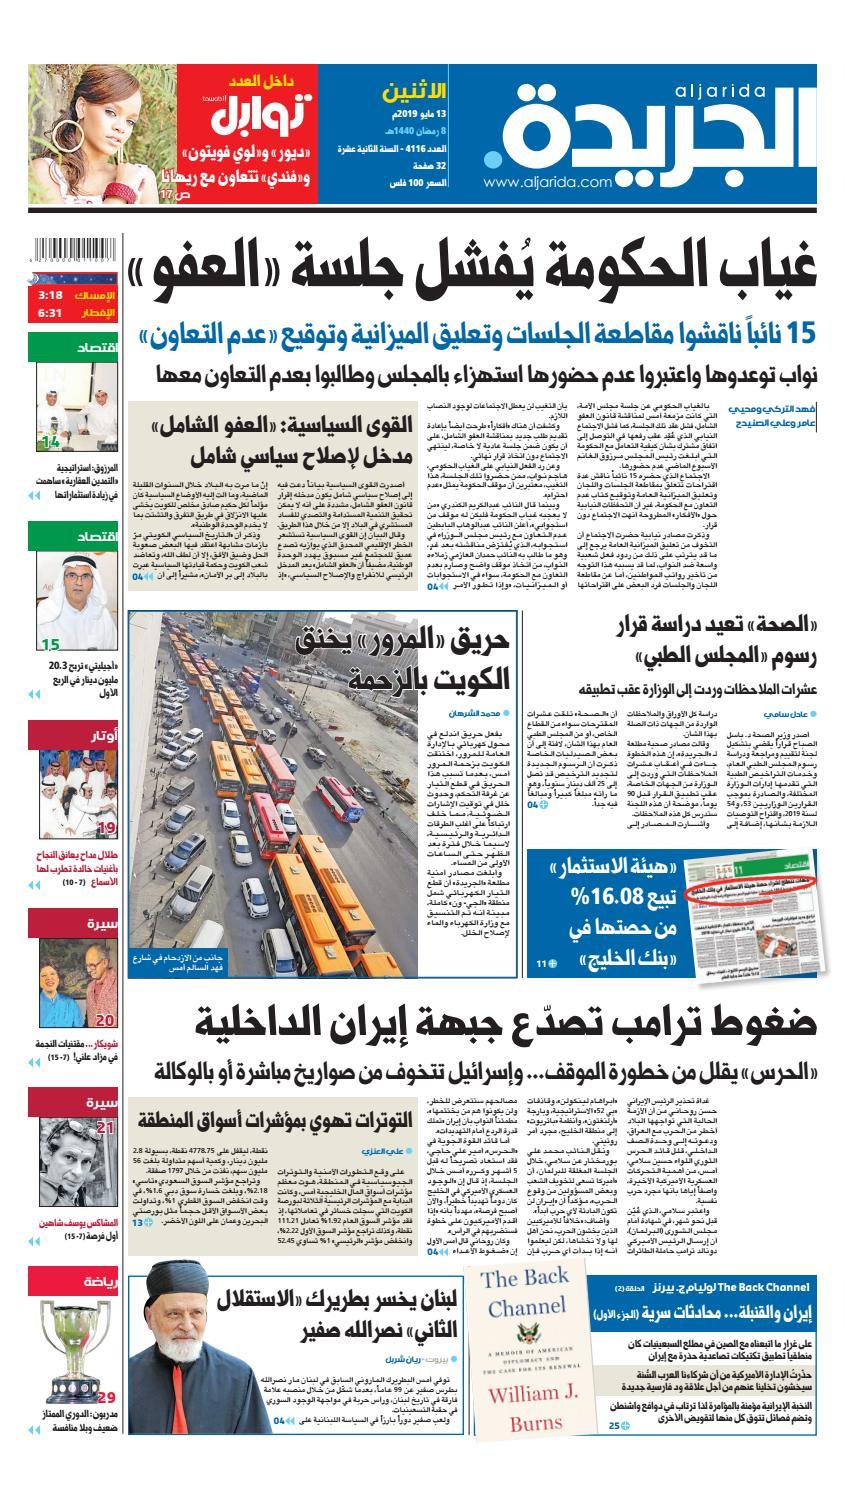 عدد الجريدة الاثنين 13 مايو 2019 By Aljarida Newspaper Issuu